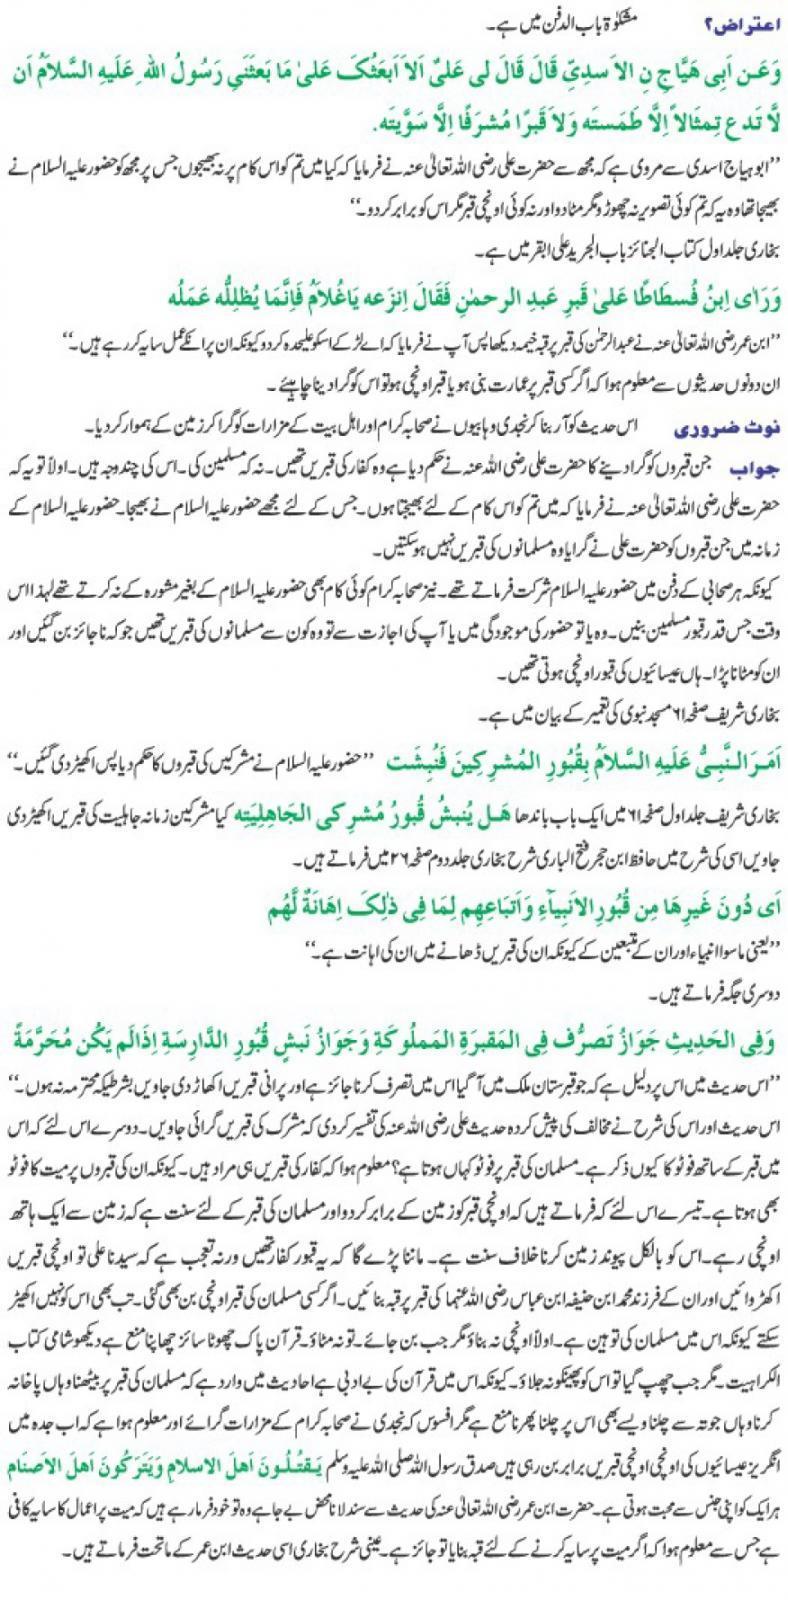 بحث مزارات اولیاء اللہ پر گنبد بنانا 154.jpg